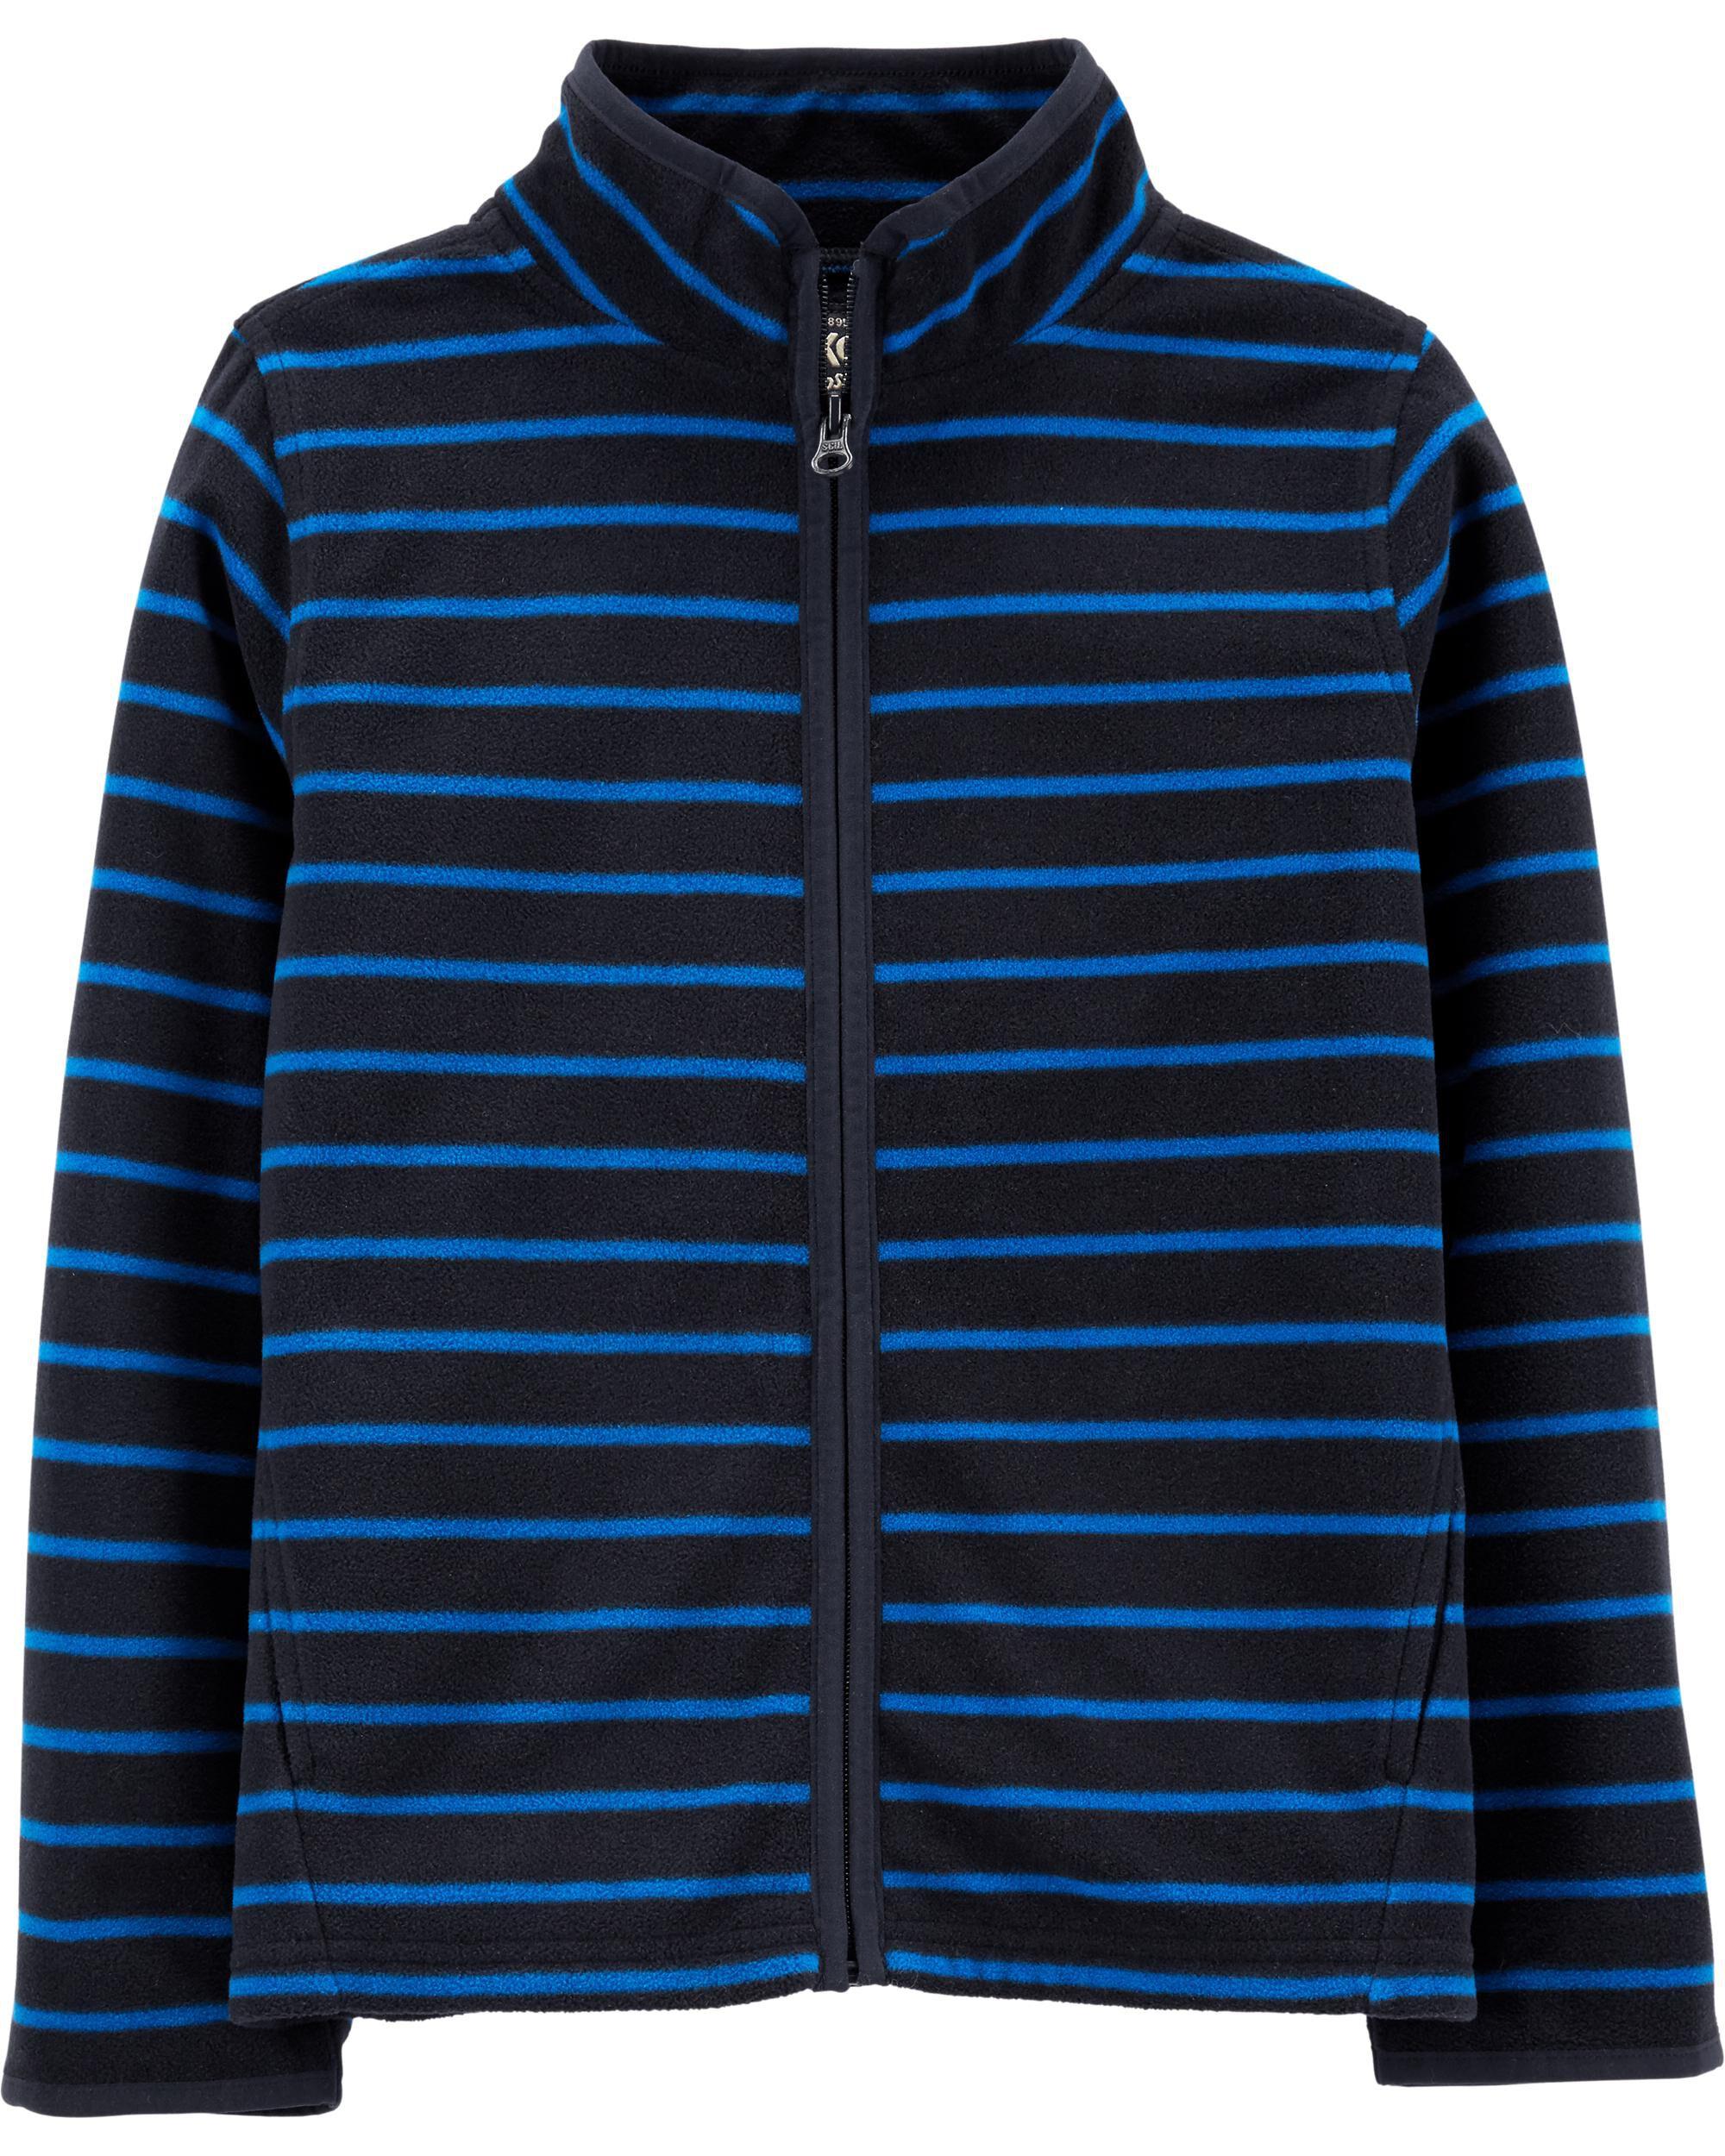 *DOORBUSTER* Striped B'gosh Fleece Cozie